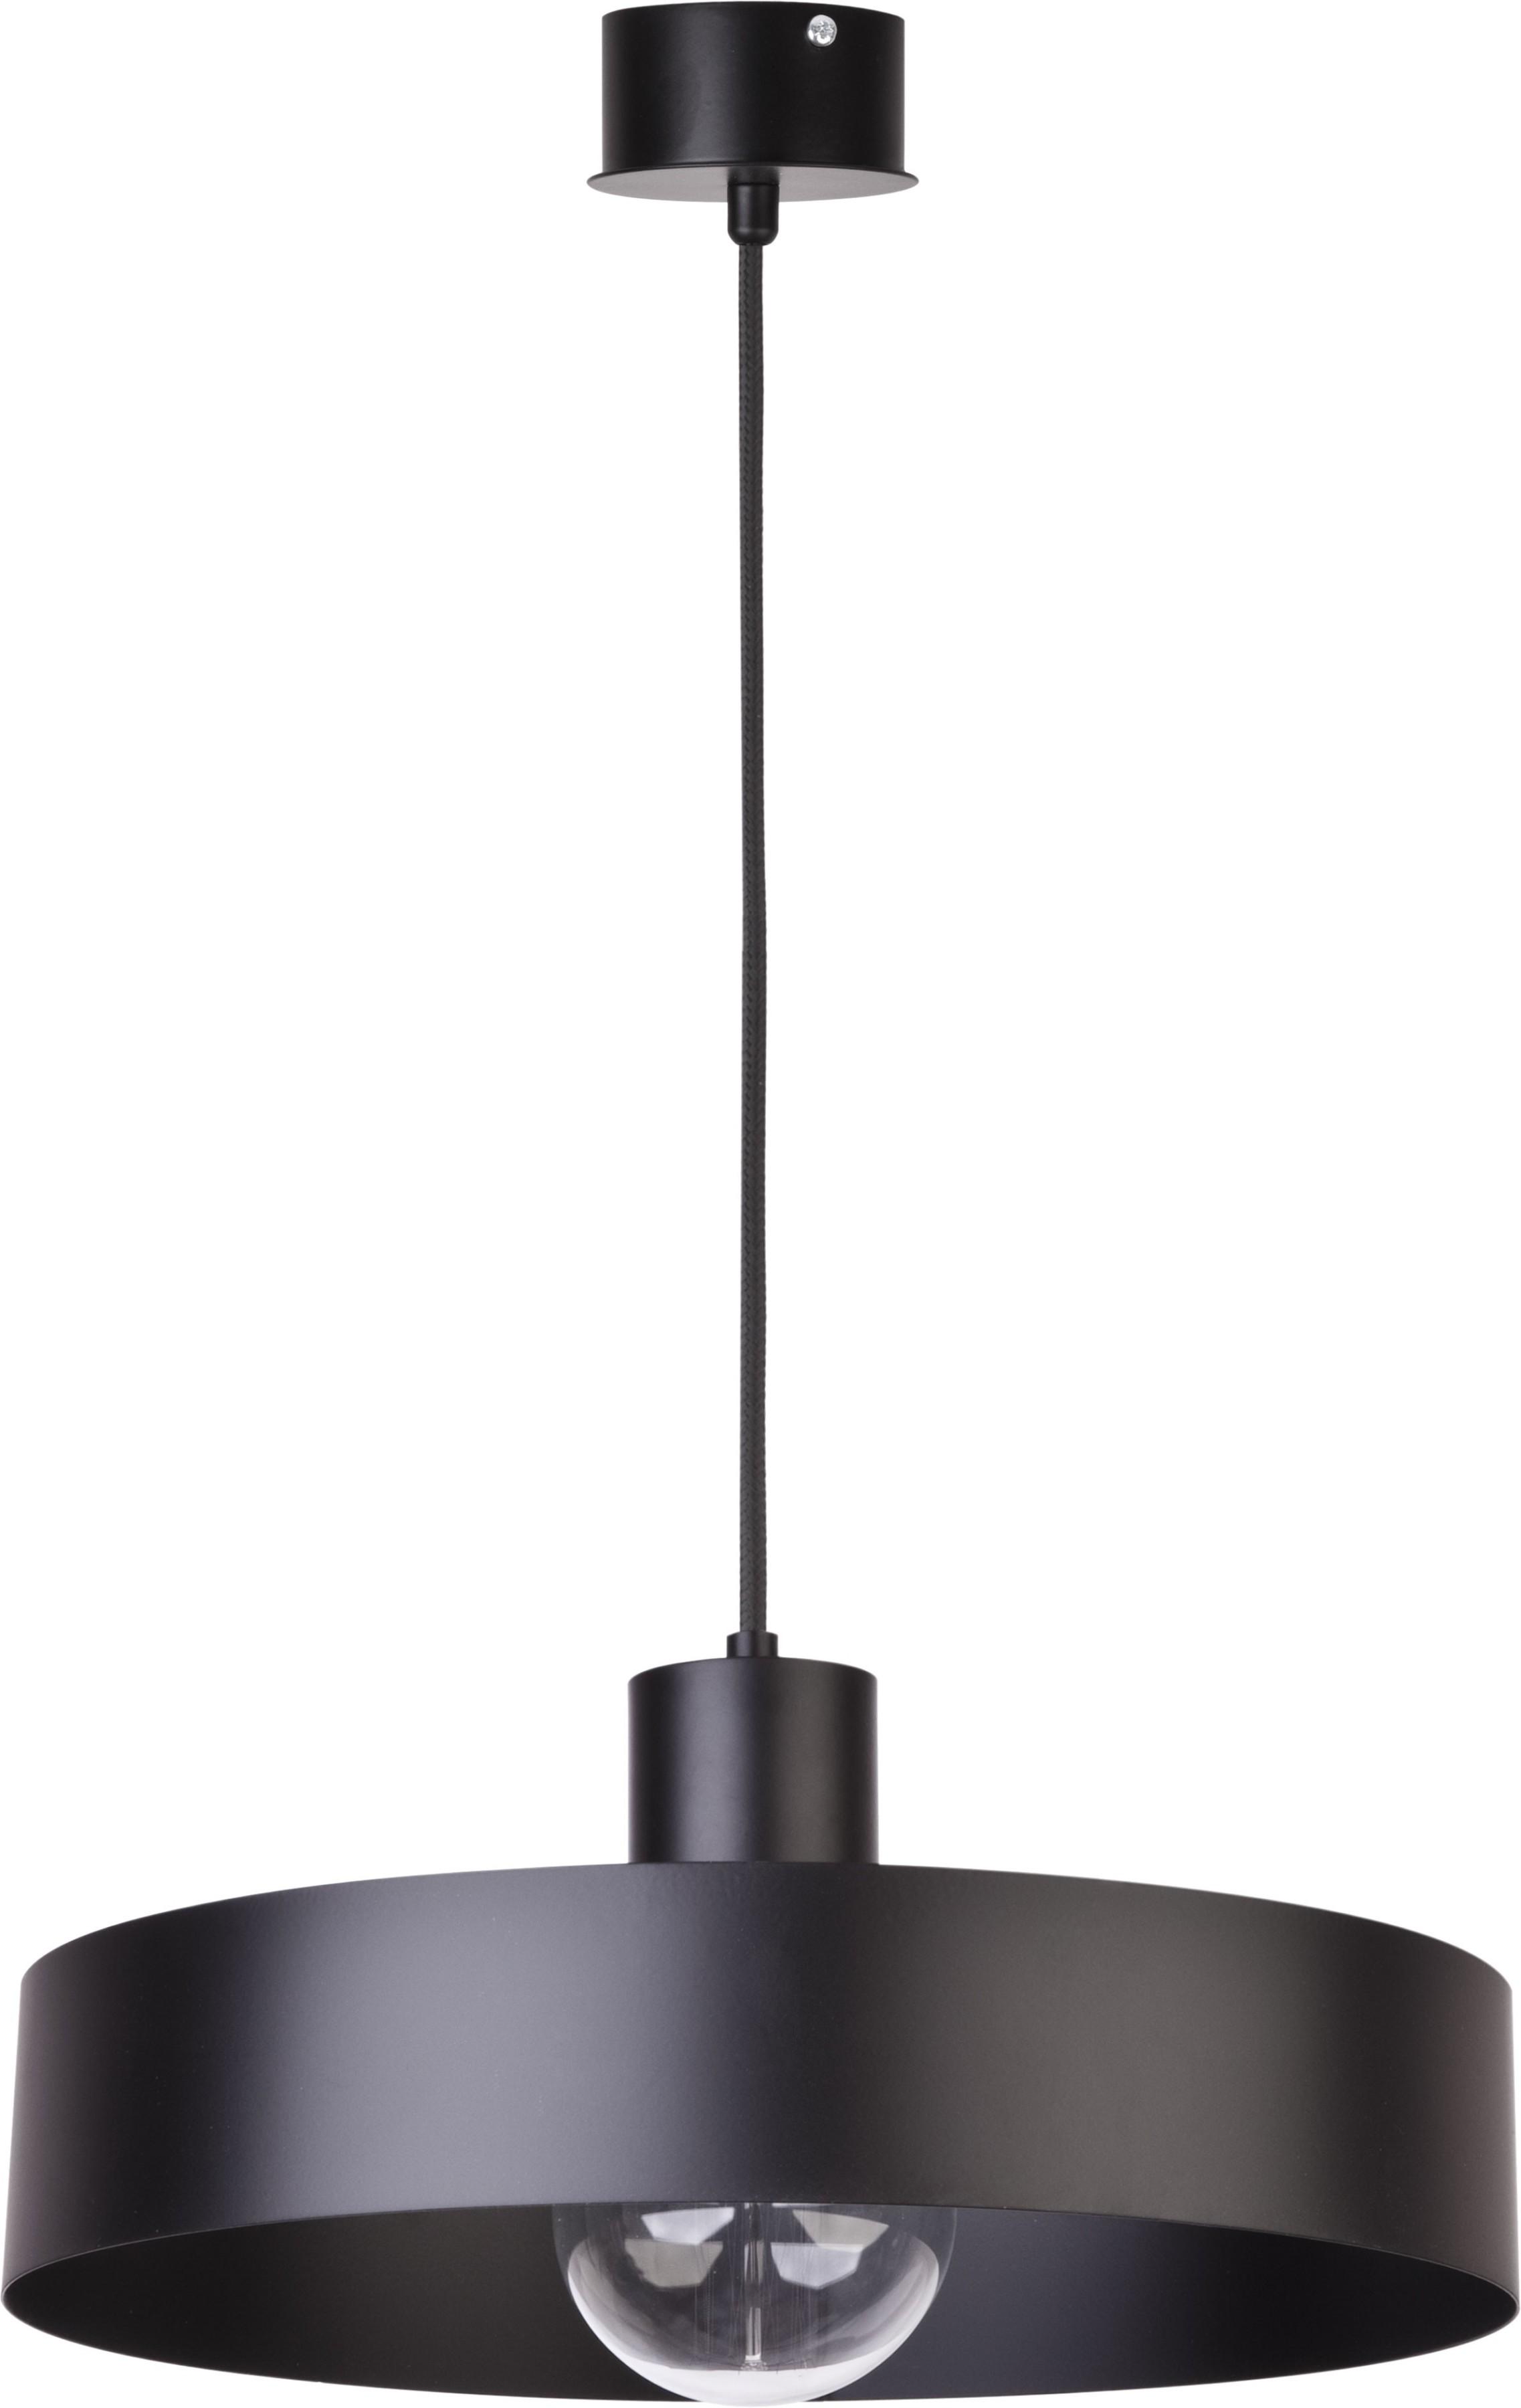 Lampa wisząca Rif 1 L czarna 30895 - Sigma Do -17% rabatu w koszyku i darmowa dostawa od 299zł !